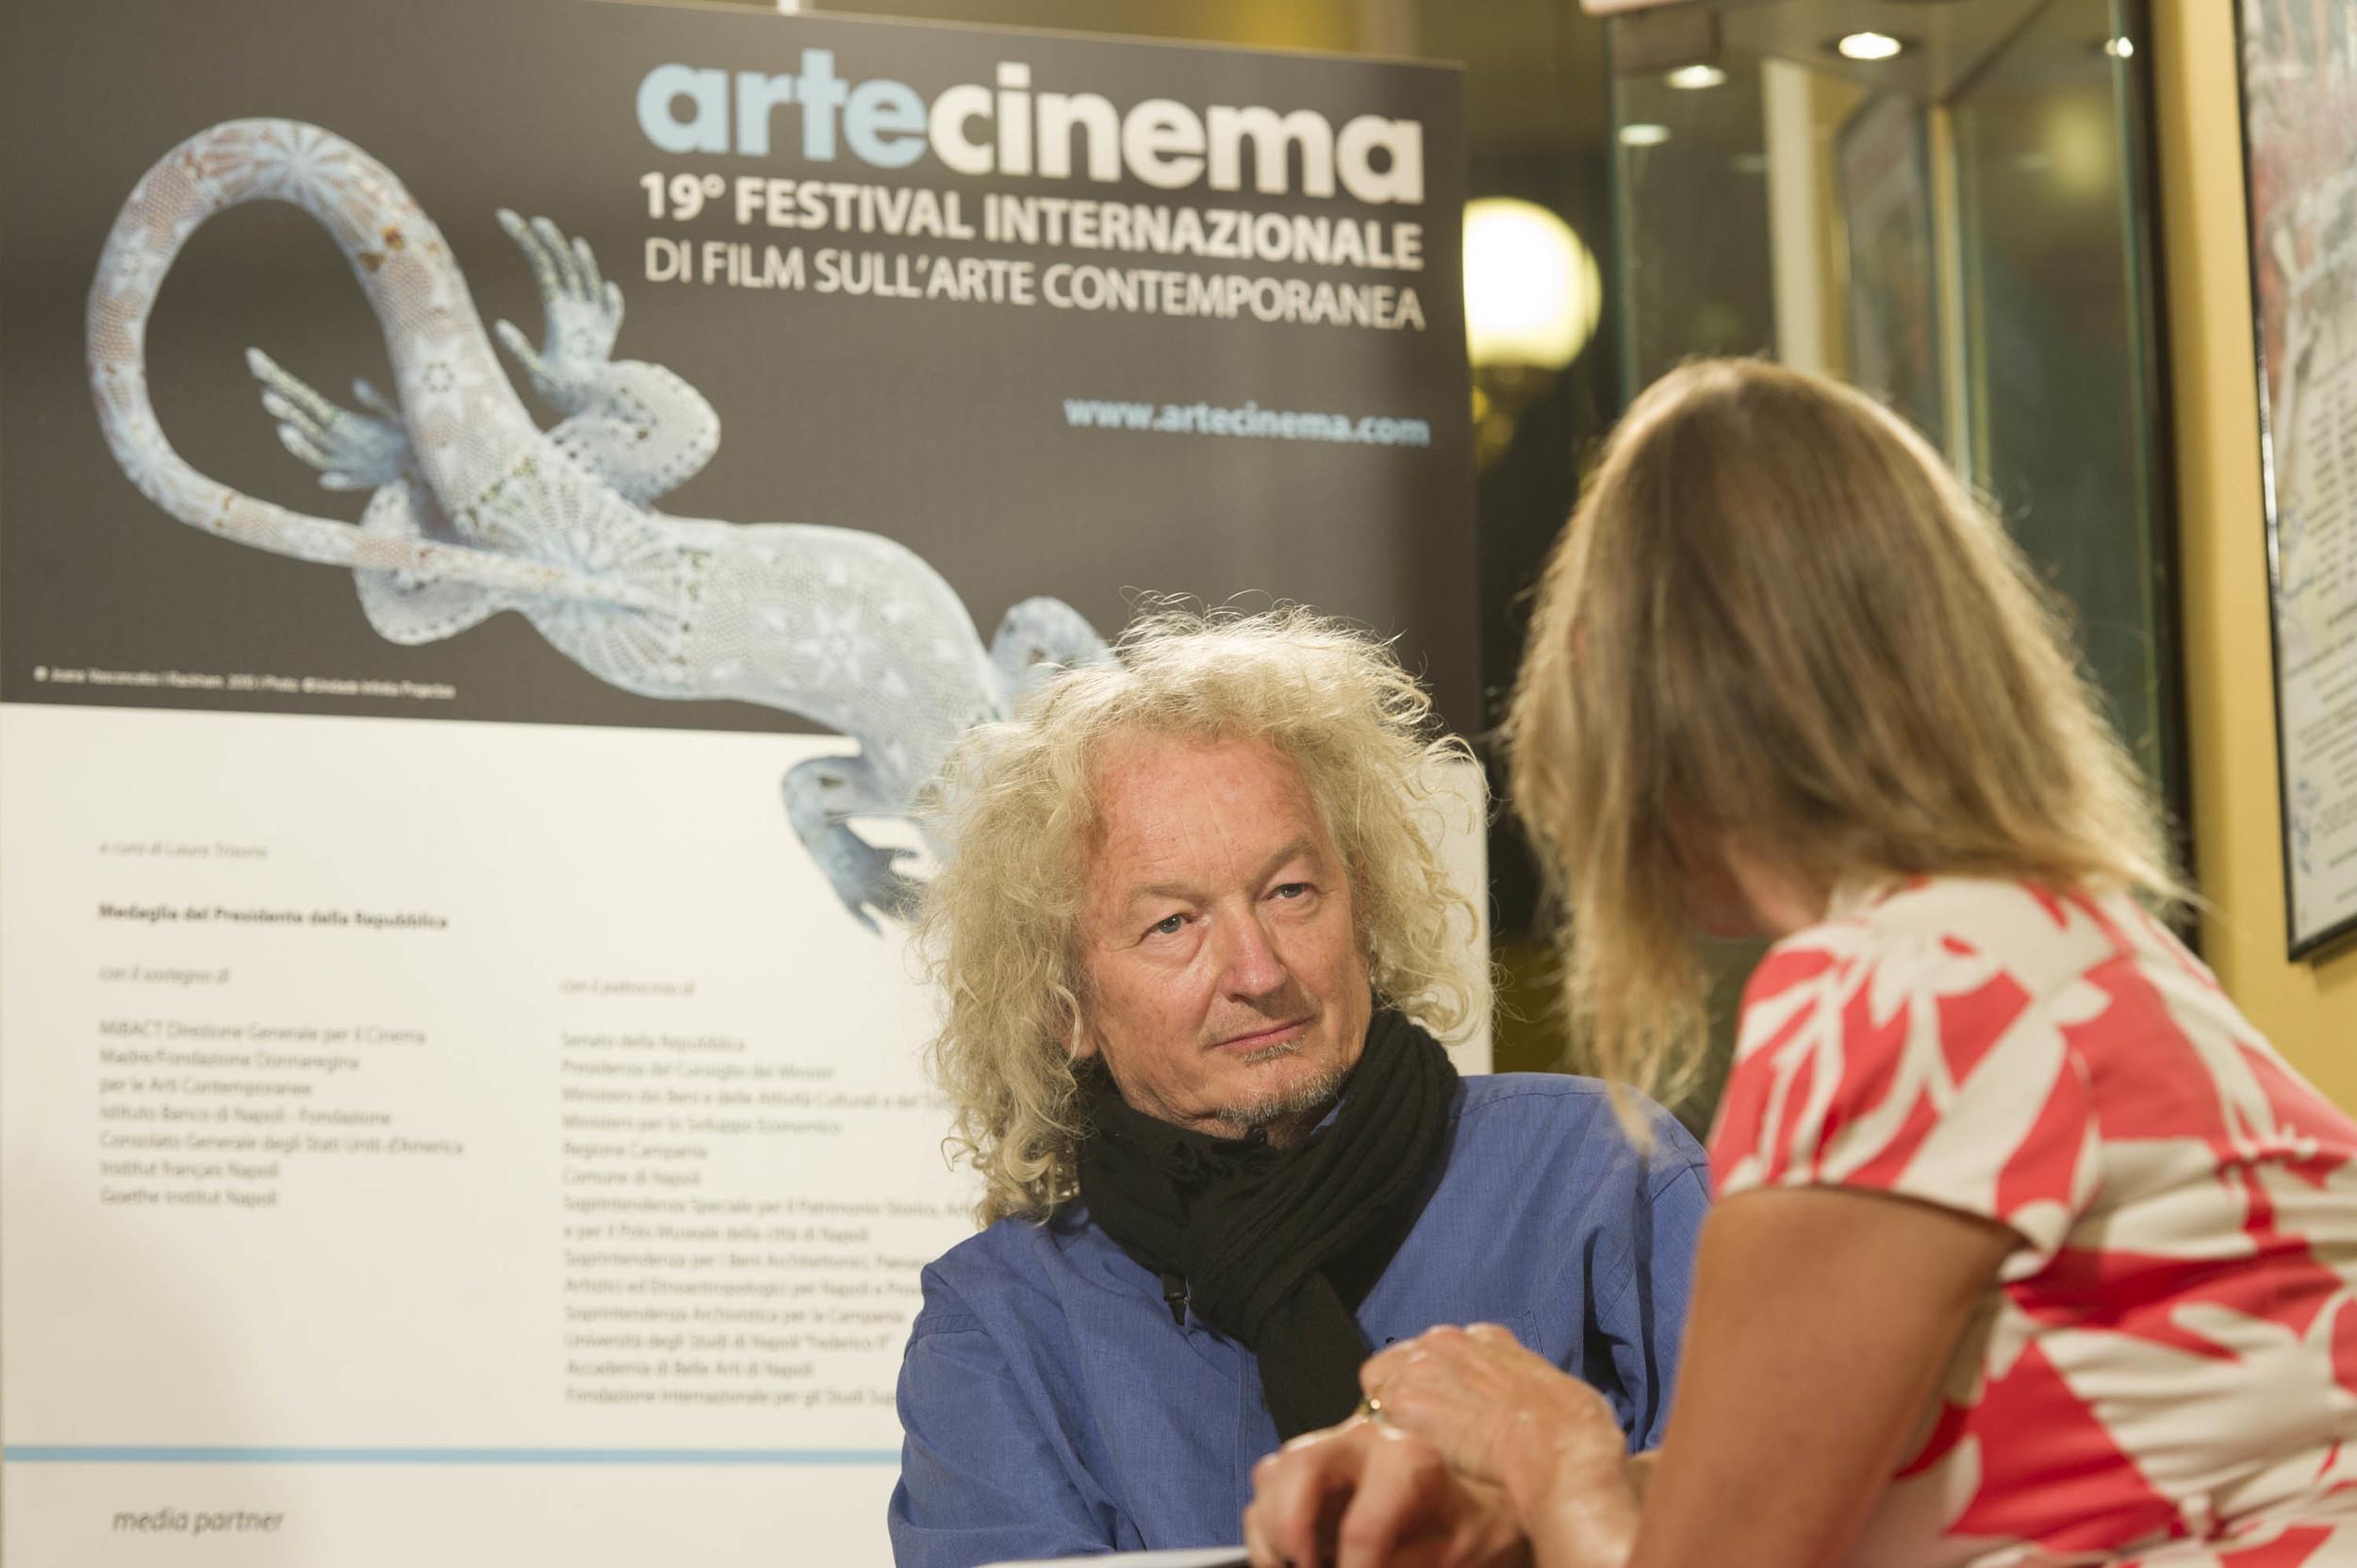 21 artecinema2014_ph Francesco Squeglia_7753 2.jpg